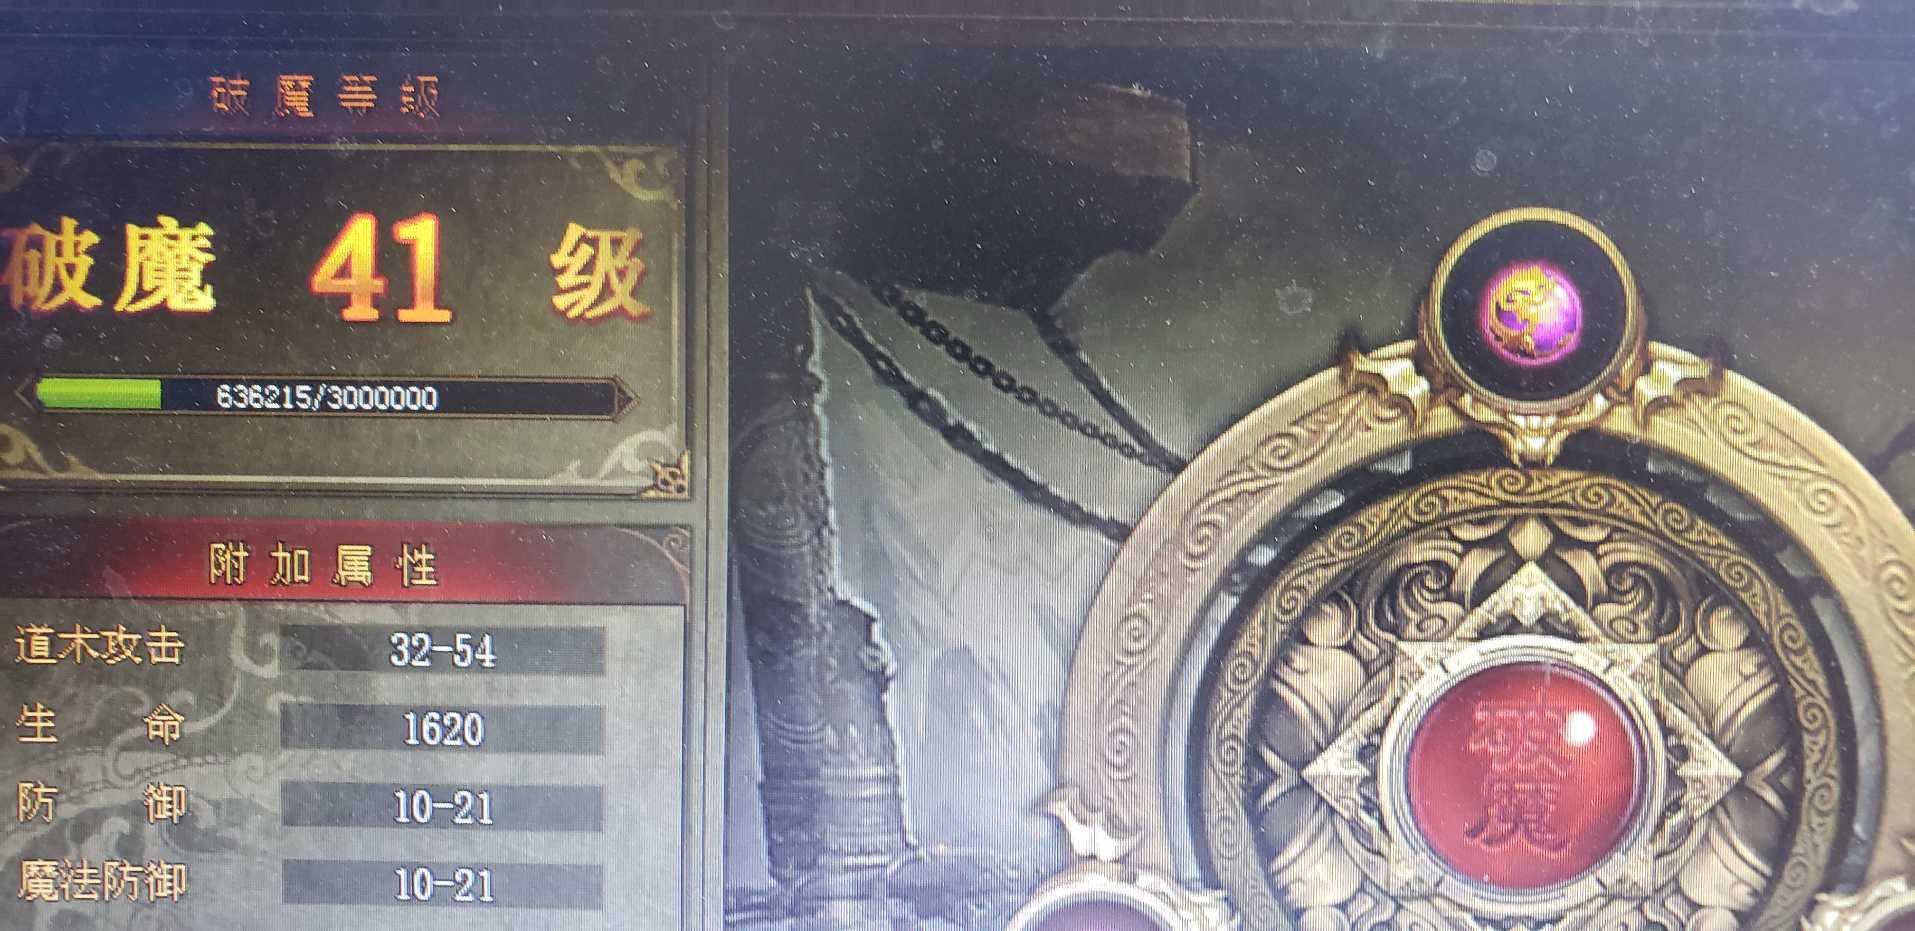 传奇世界-账号-[道士天人18重]v10六重强毒 专家波双衣服双暴君盾大师骷髅宗师火咒王者治疗